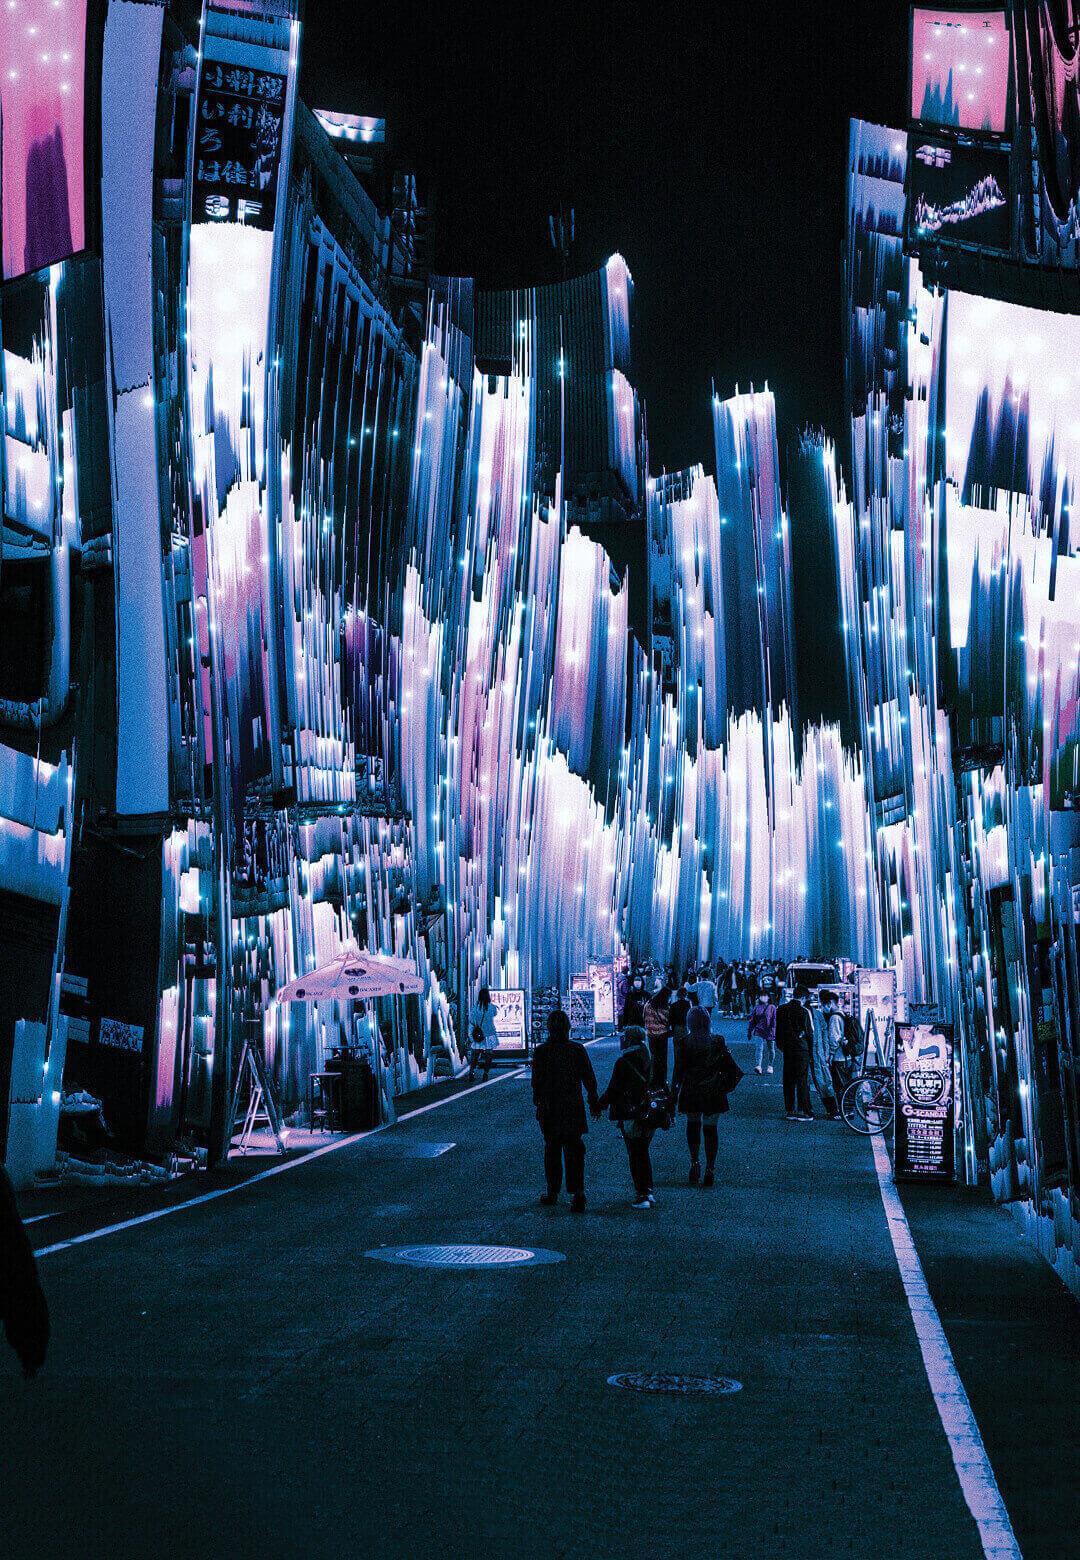 A vivid and vibrant street view by Dario Paczula | Dario Paczula | STIRworld